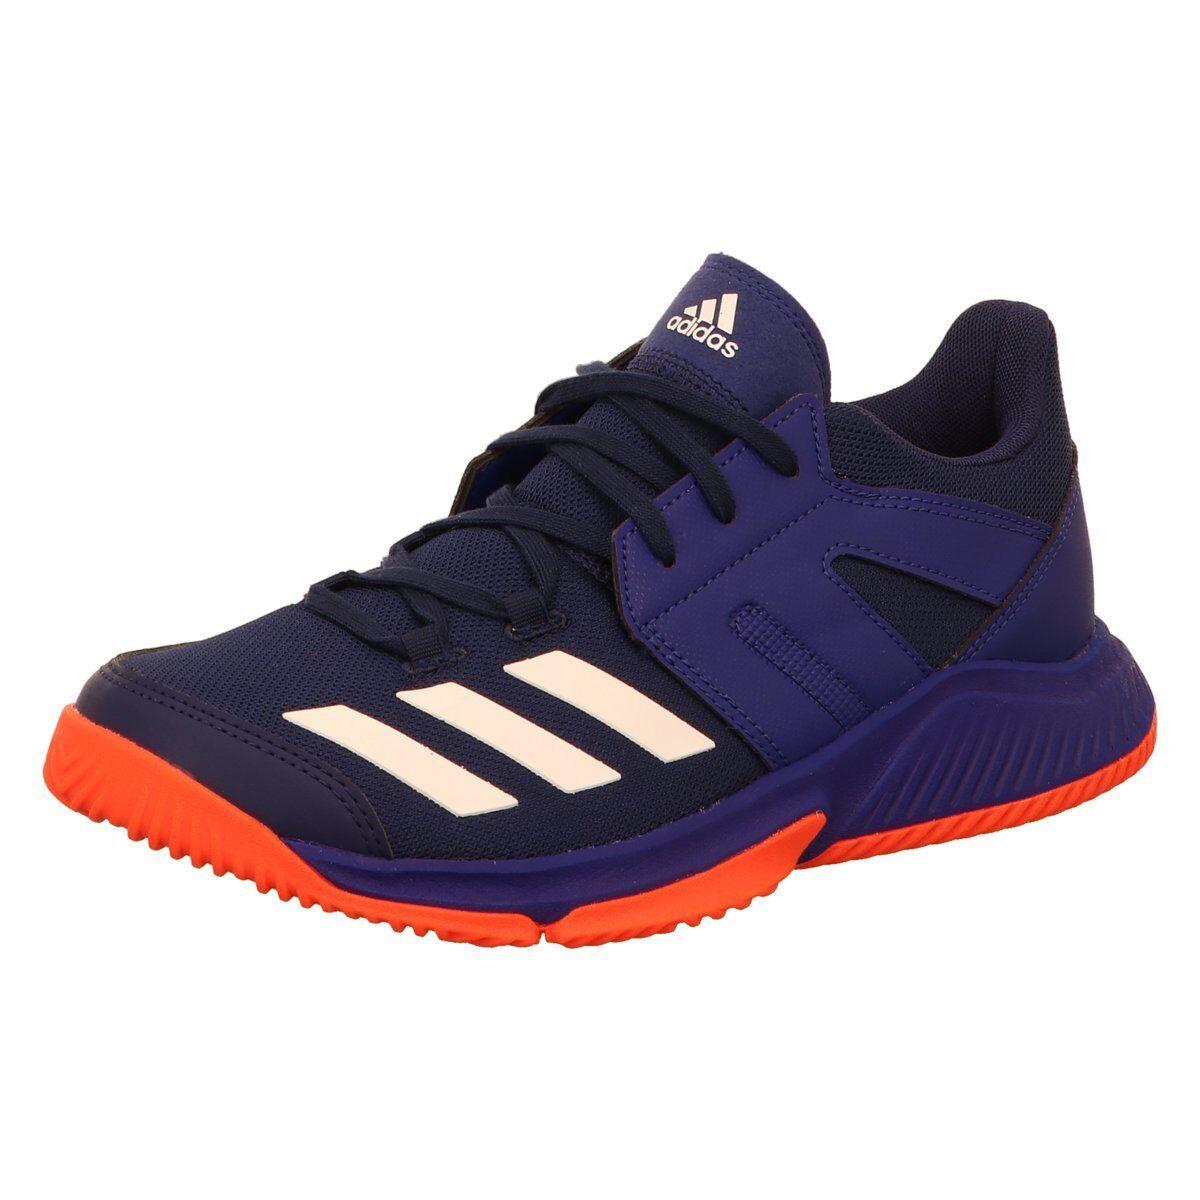 Adidas Herren Sportschuhe Essence AC7504 000 blau blau blau 490316 fcae7c